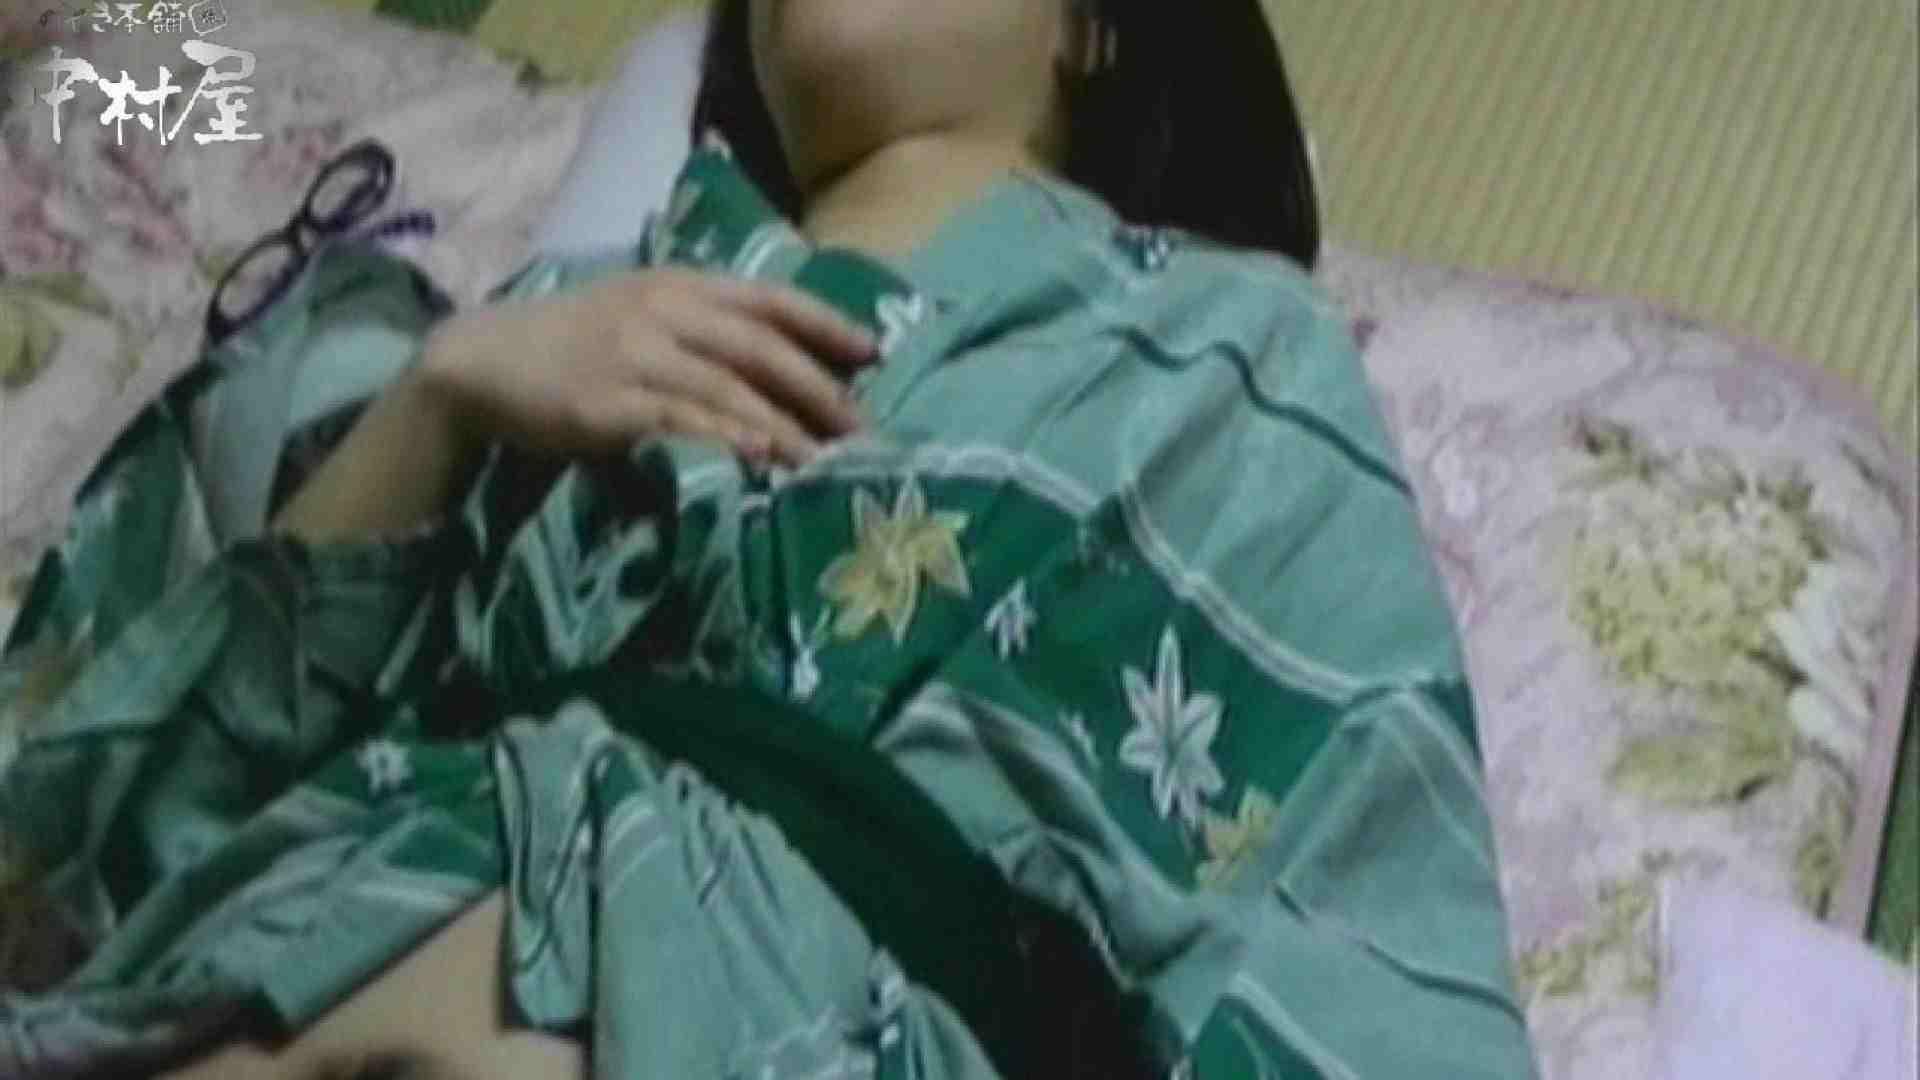 ネムリ姫 vol.06 お姉さんの下半身 ヌード画像 101PIX 15